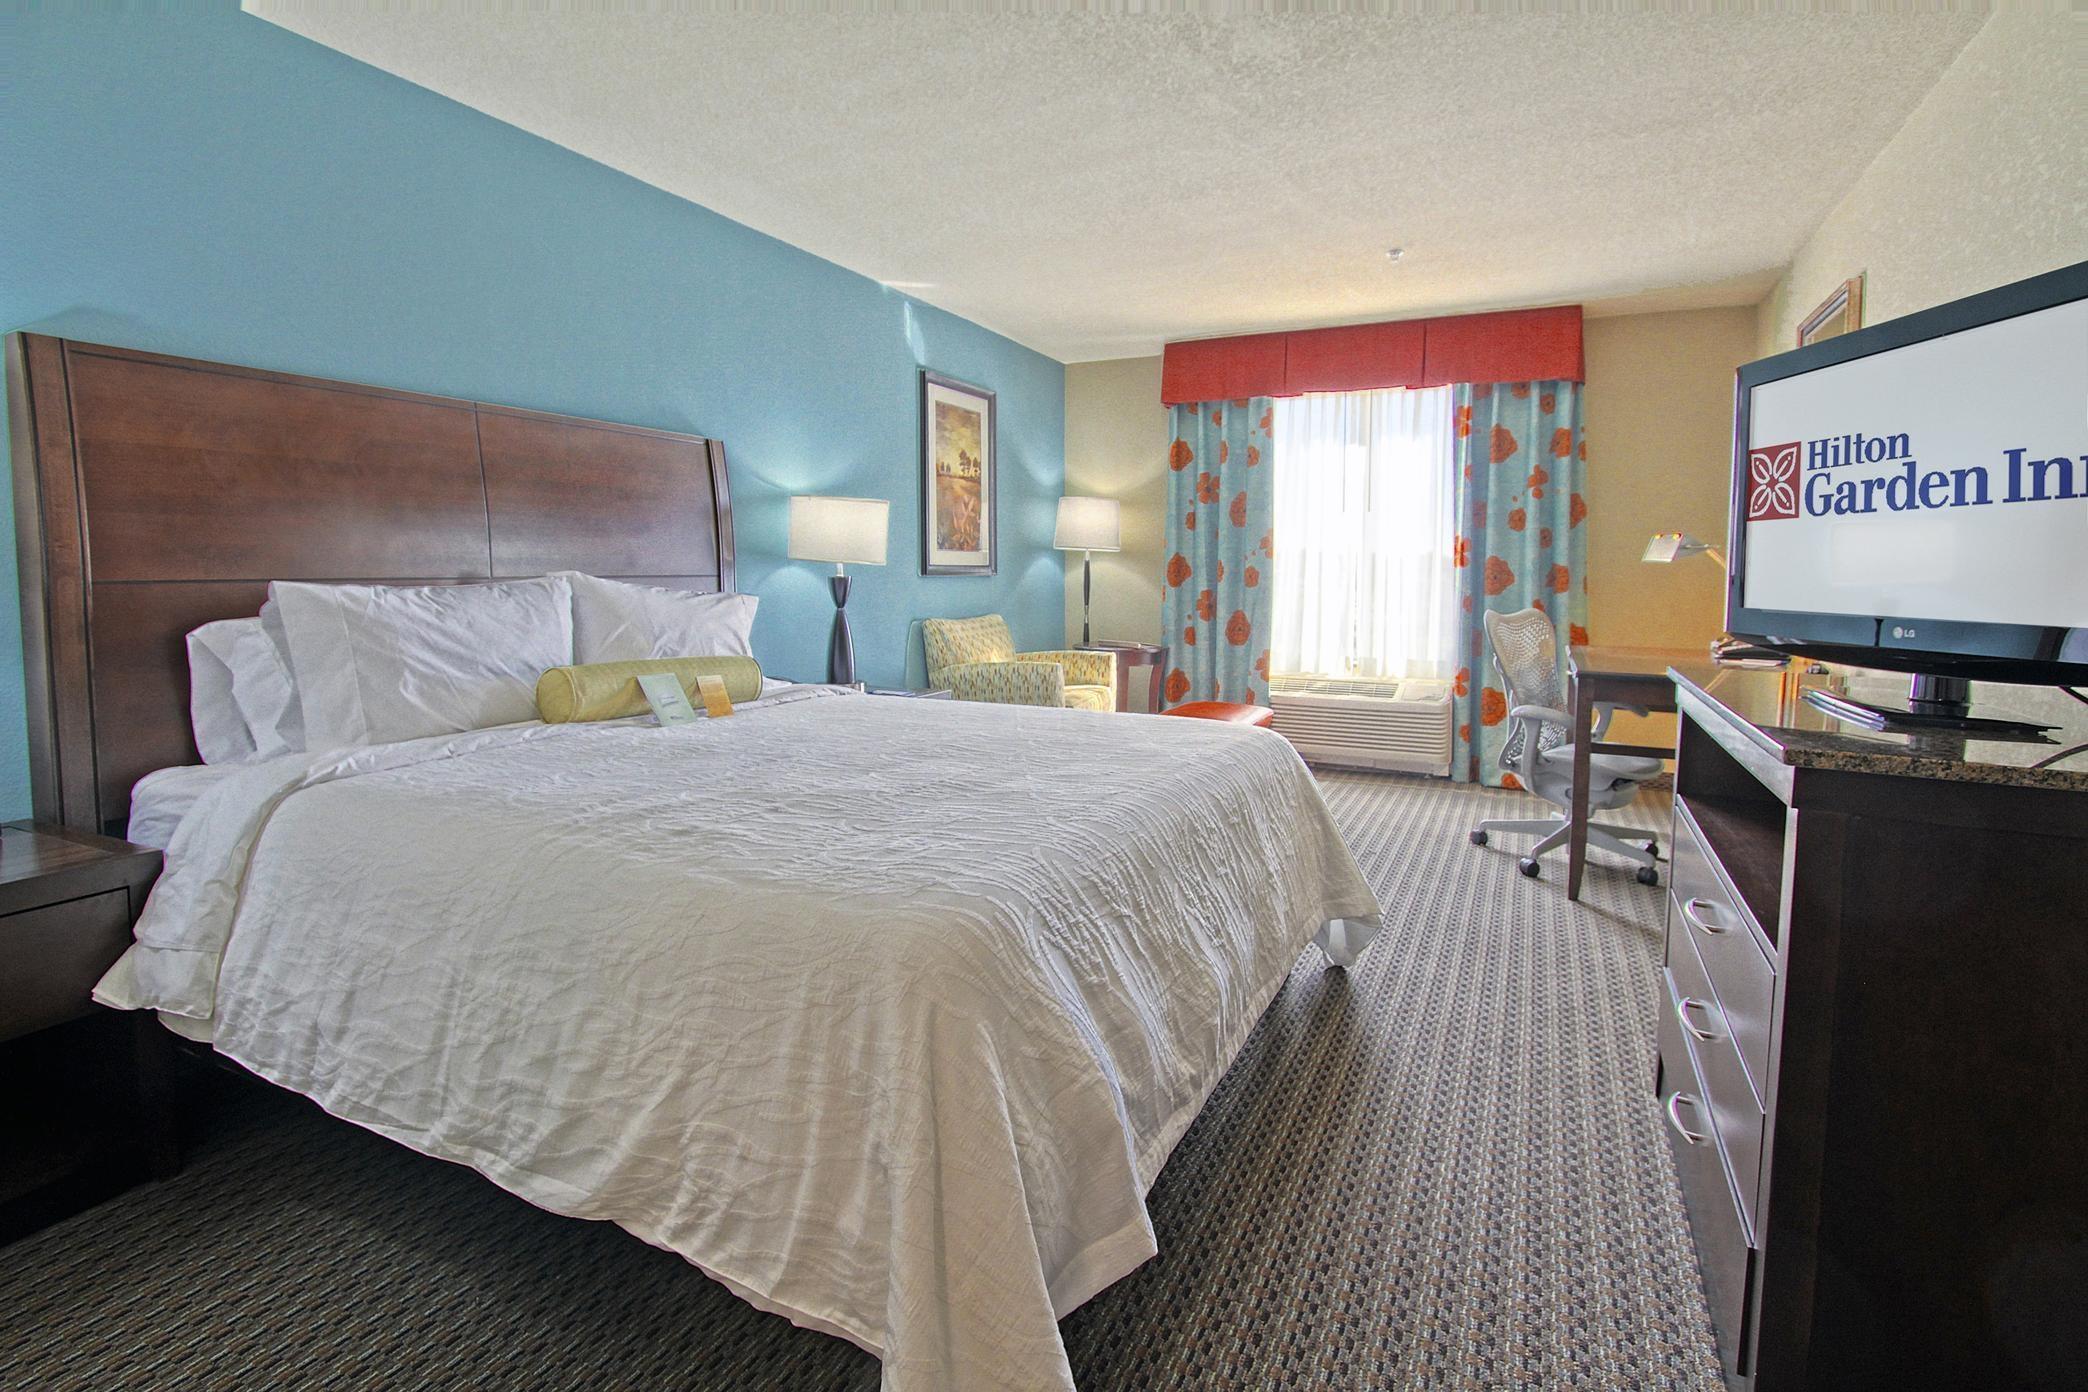 Hilton Garden Inn Tulsa Midtown image 8